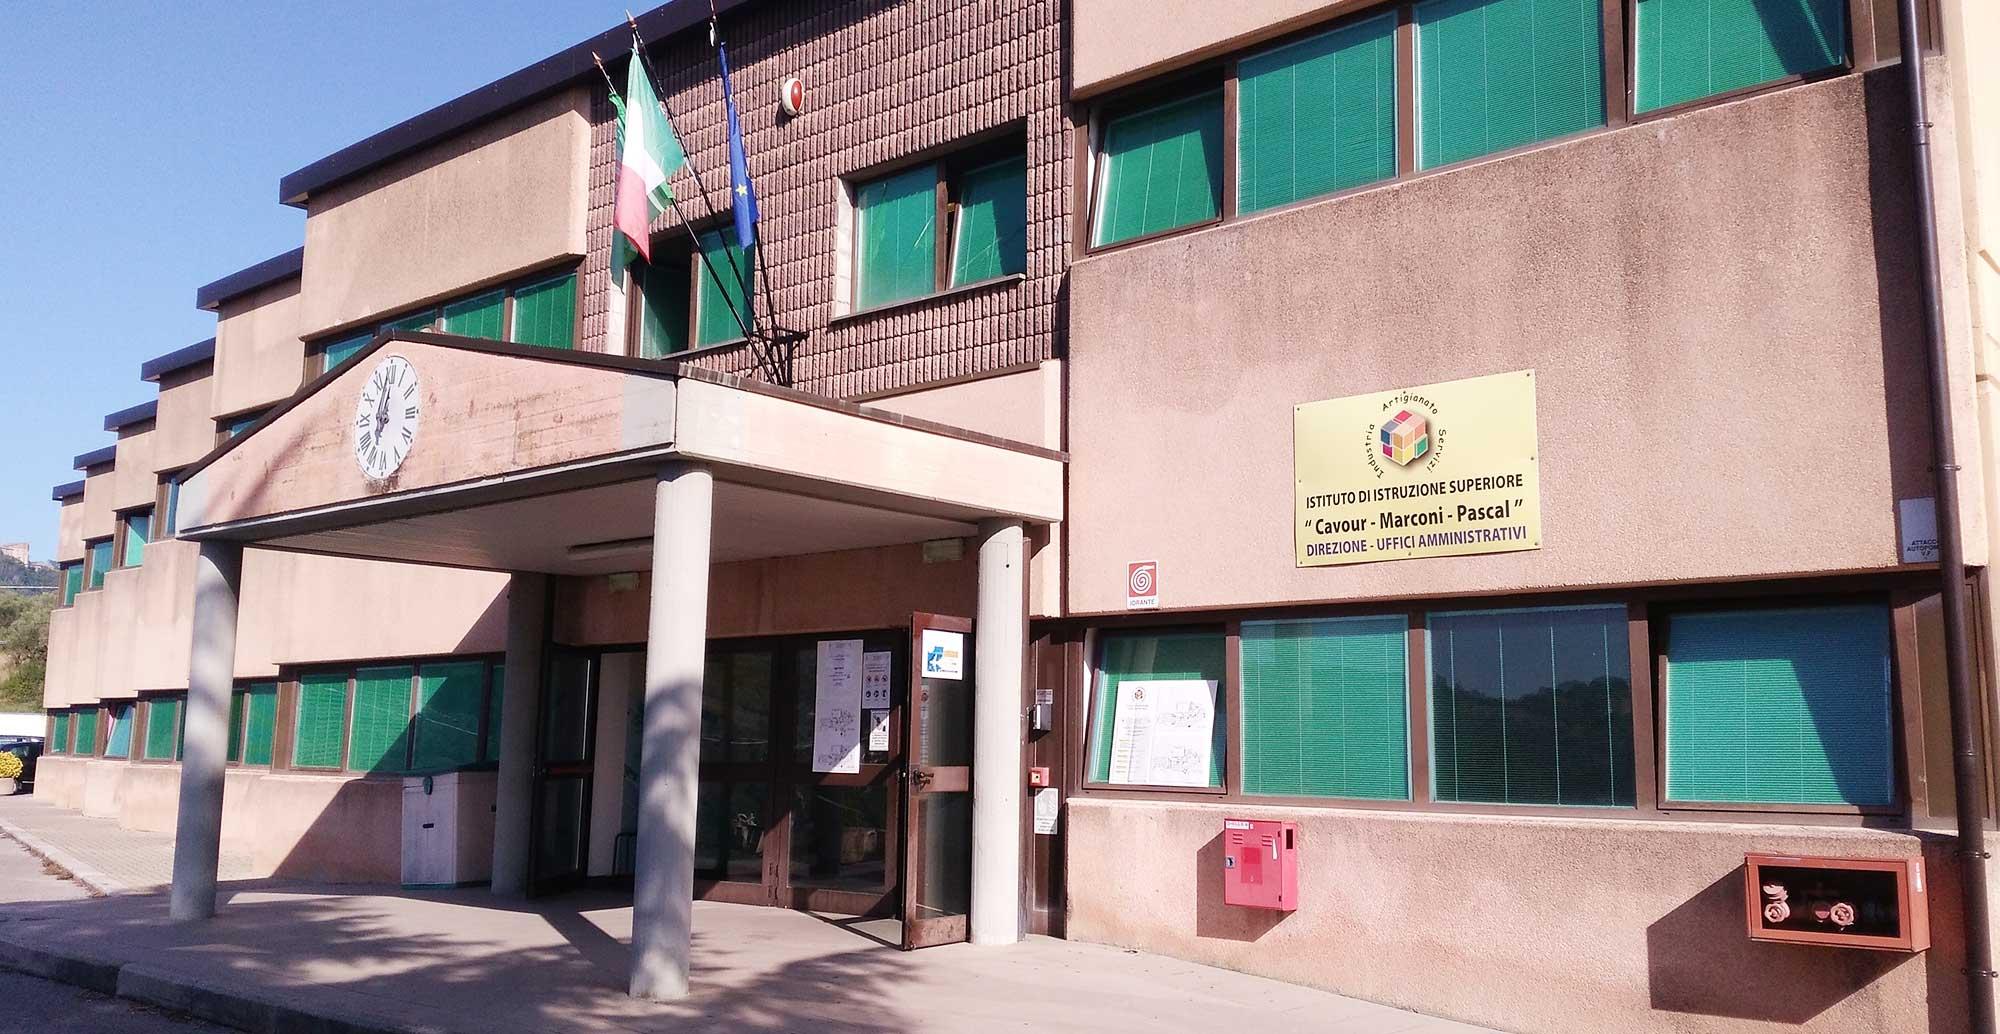 """Istituto di Istruzione Superiore """"Cavour – Marconi – Pascal """"- Perugia"""